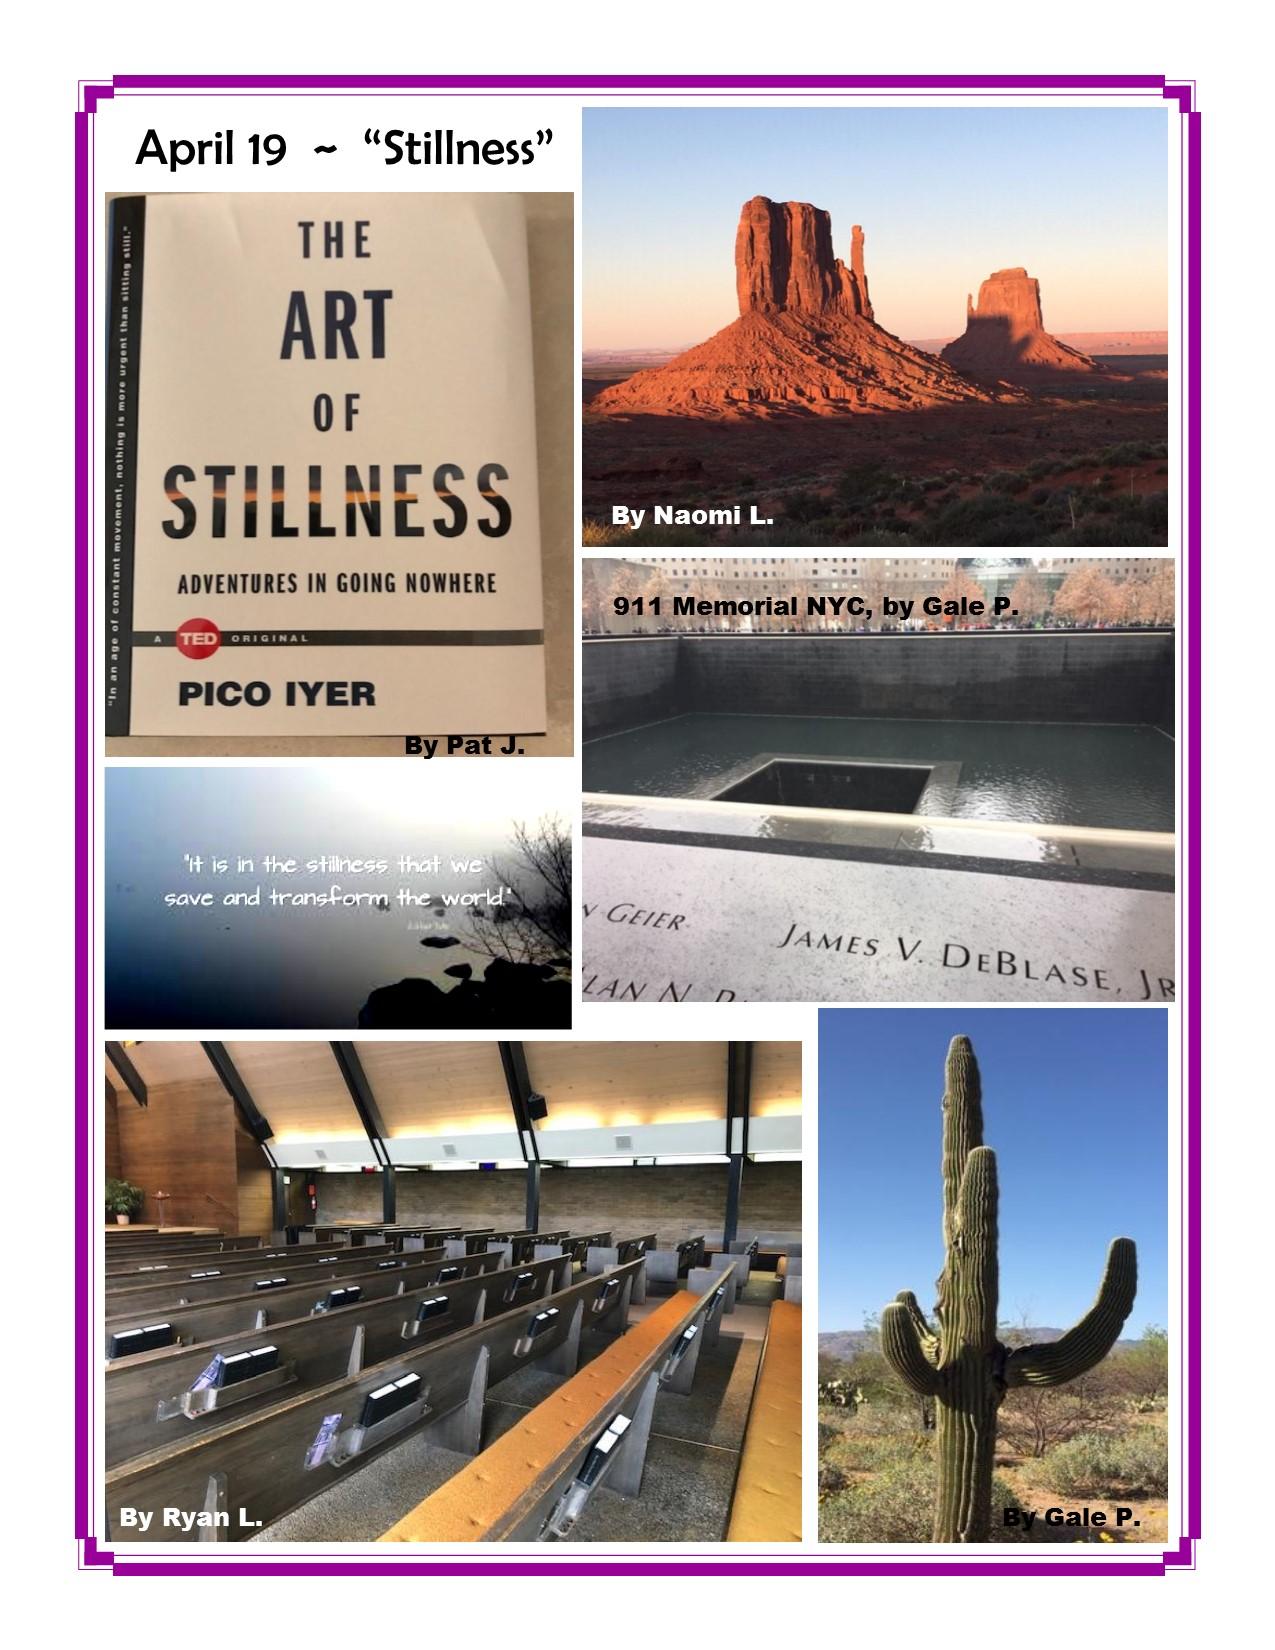 April 19, Stillness.jpg